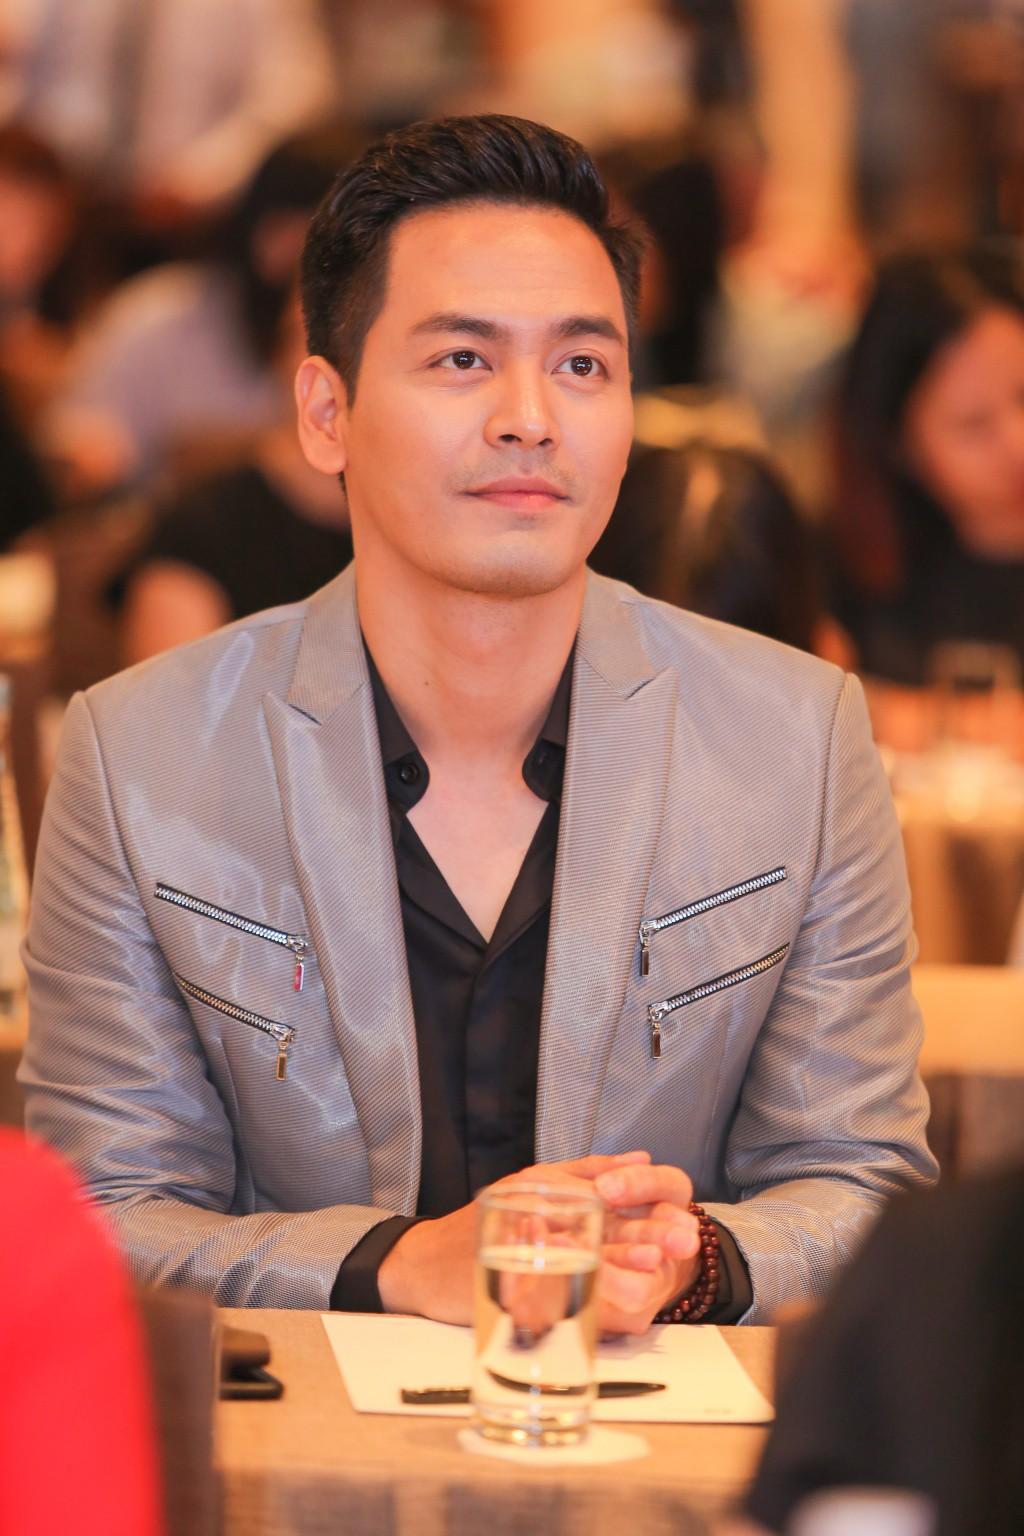 Sau phát ngôn 'cảm ơn COVID-19', MC Phan Anh nhanh chóng xóa hết bình luận 'ném đá' - Ảnh 2